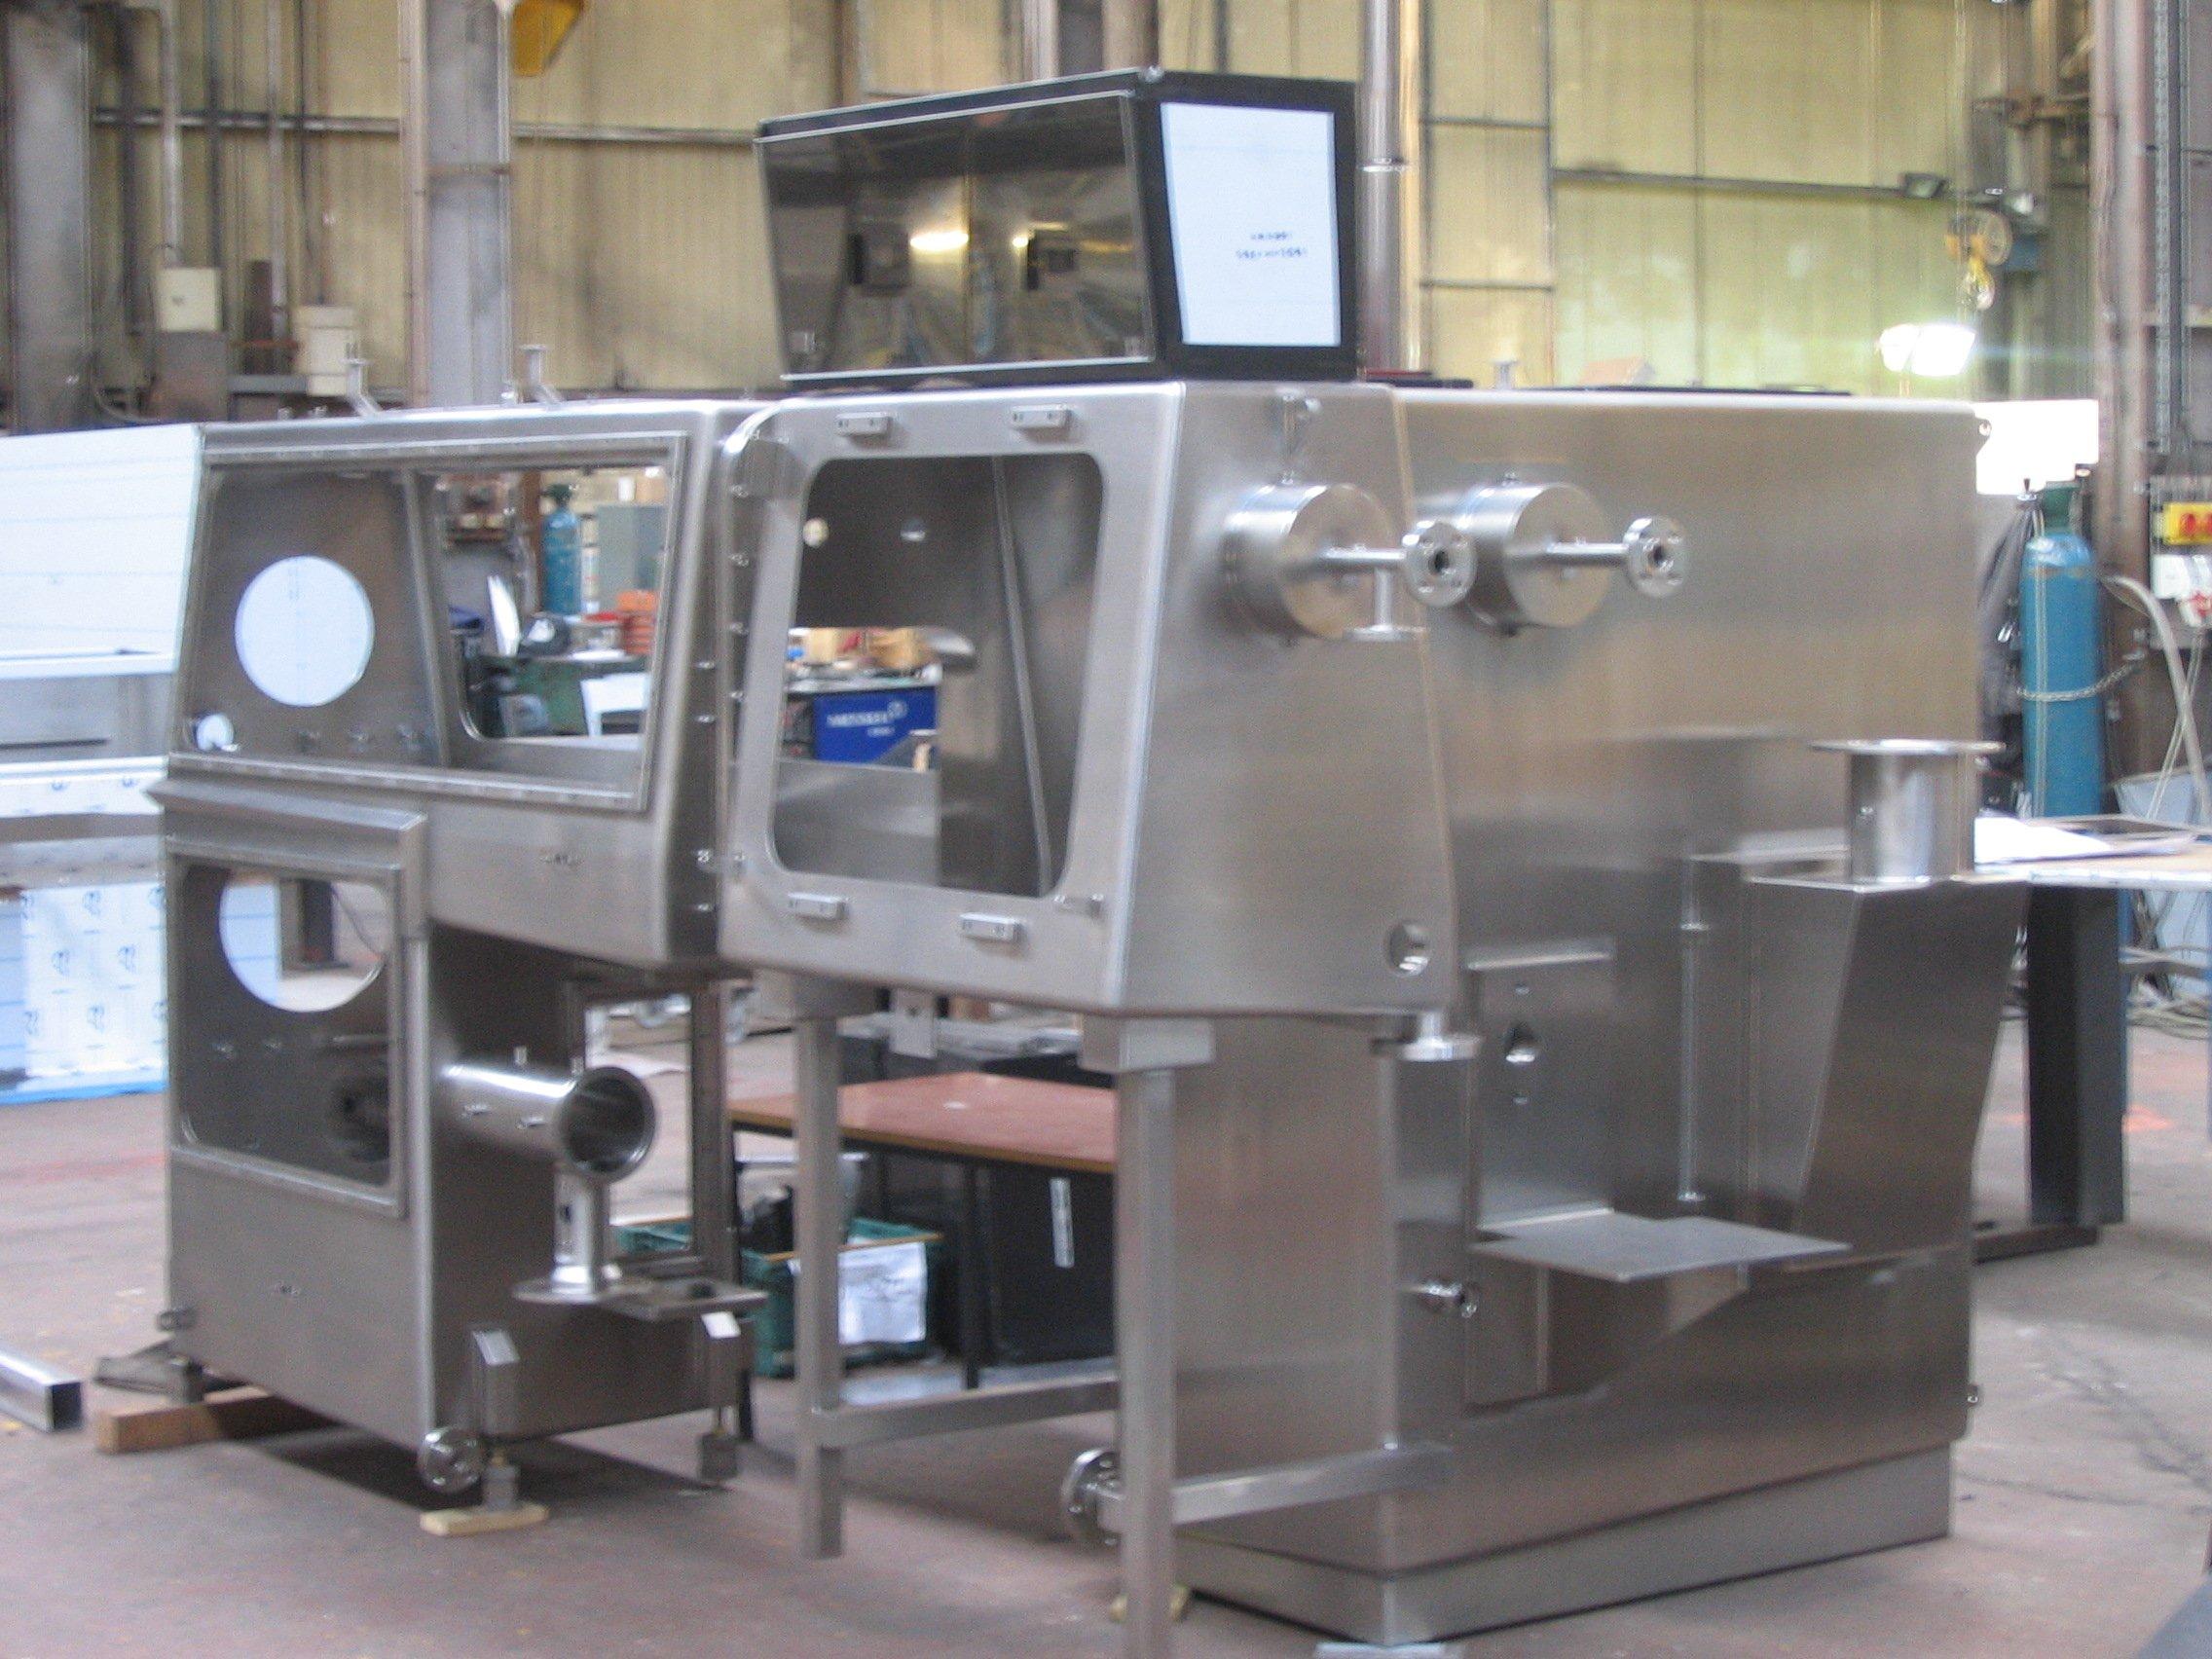 Isolator Pics 27-10-08 001